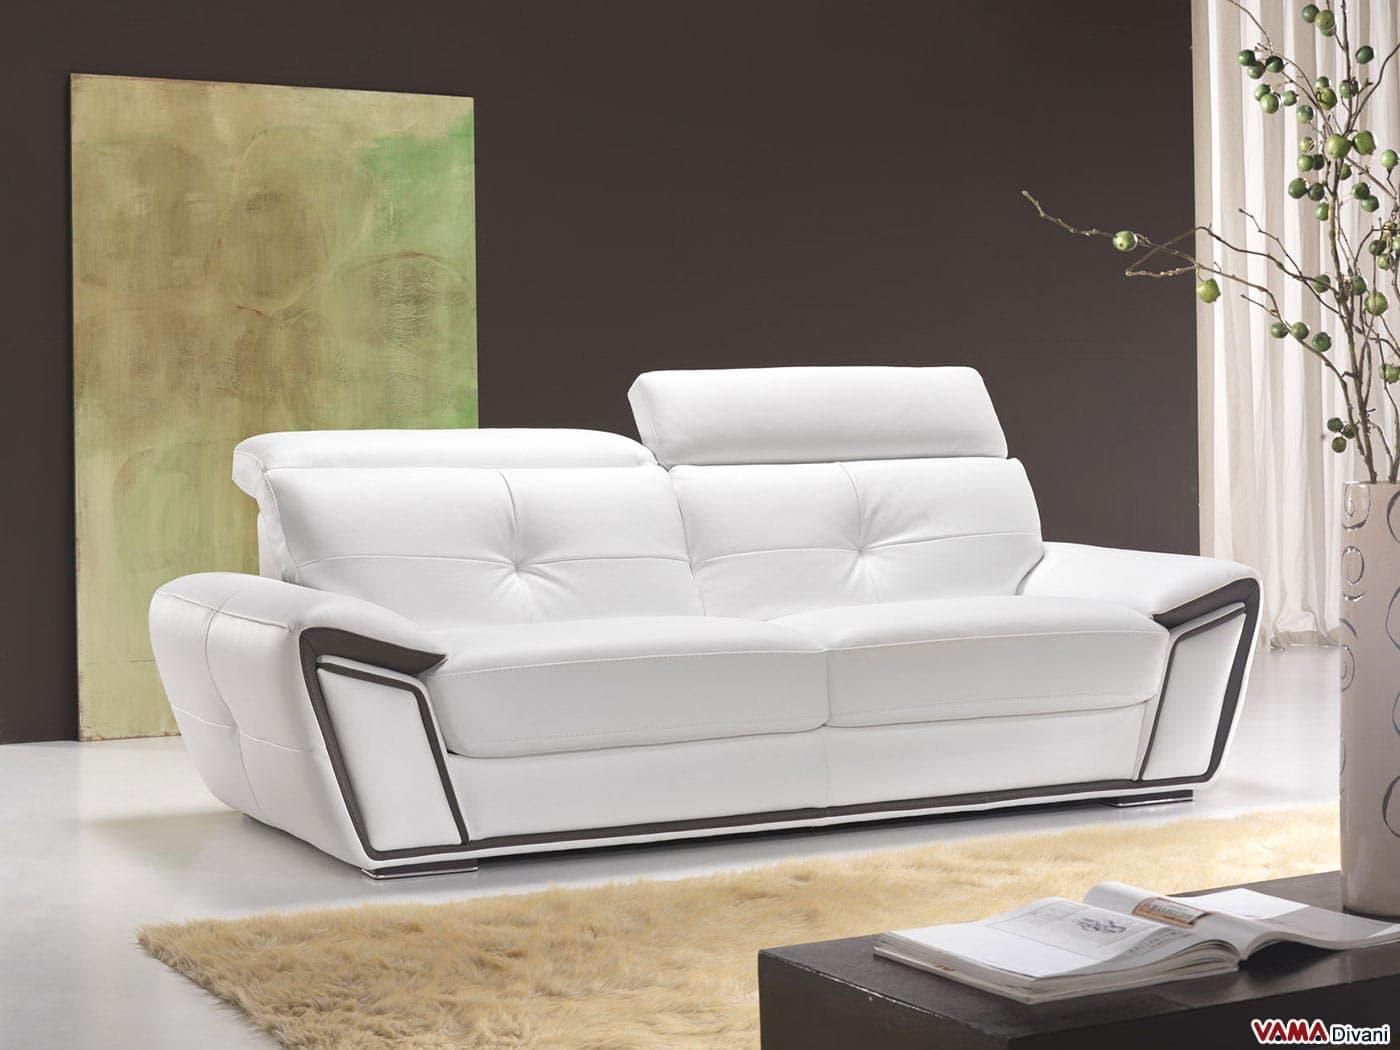 Divano moderno elegante oxigene vama divani - Divano in pelle bianco ...